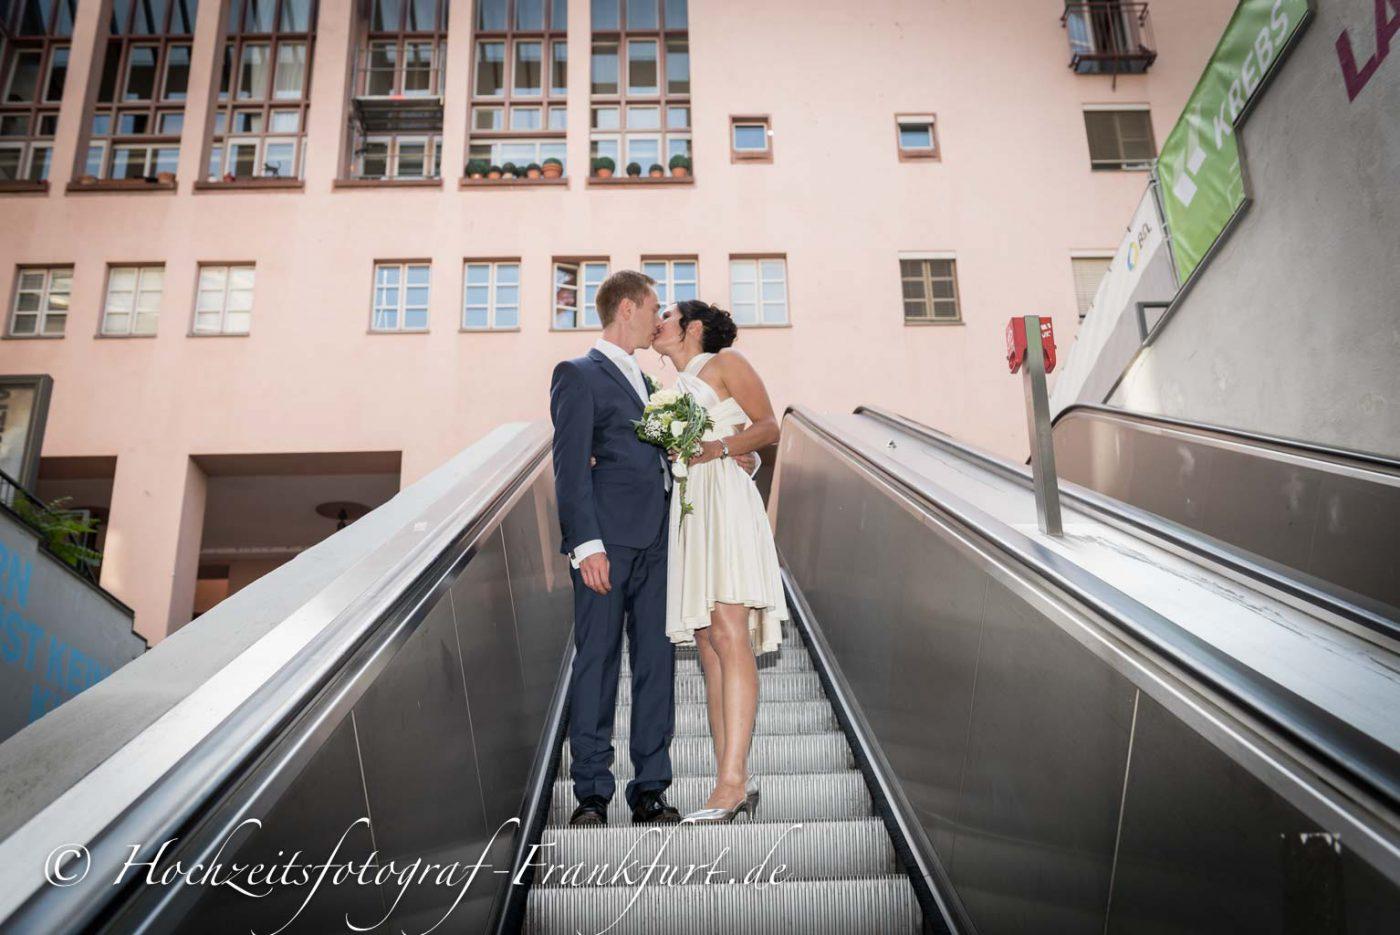 Standesamt Frankfurt am Main: Foto des Hochzeitspaares auf der Rolltreppe.